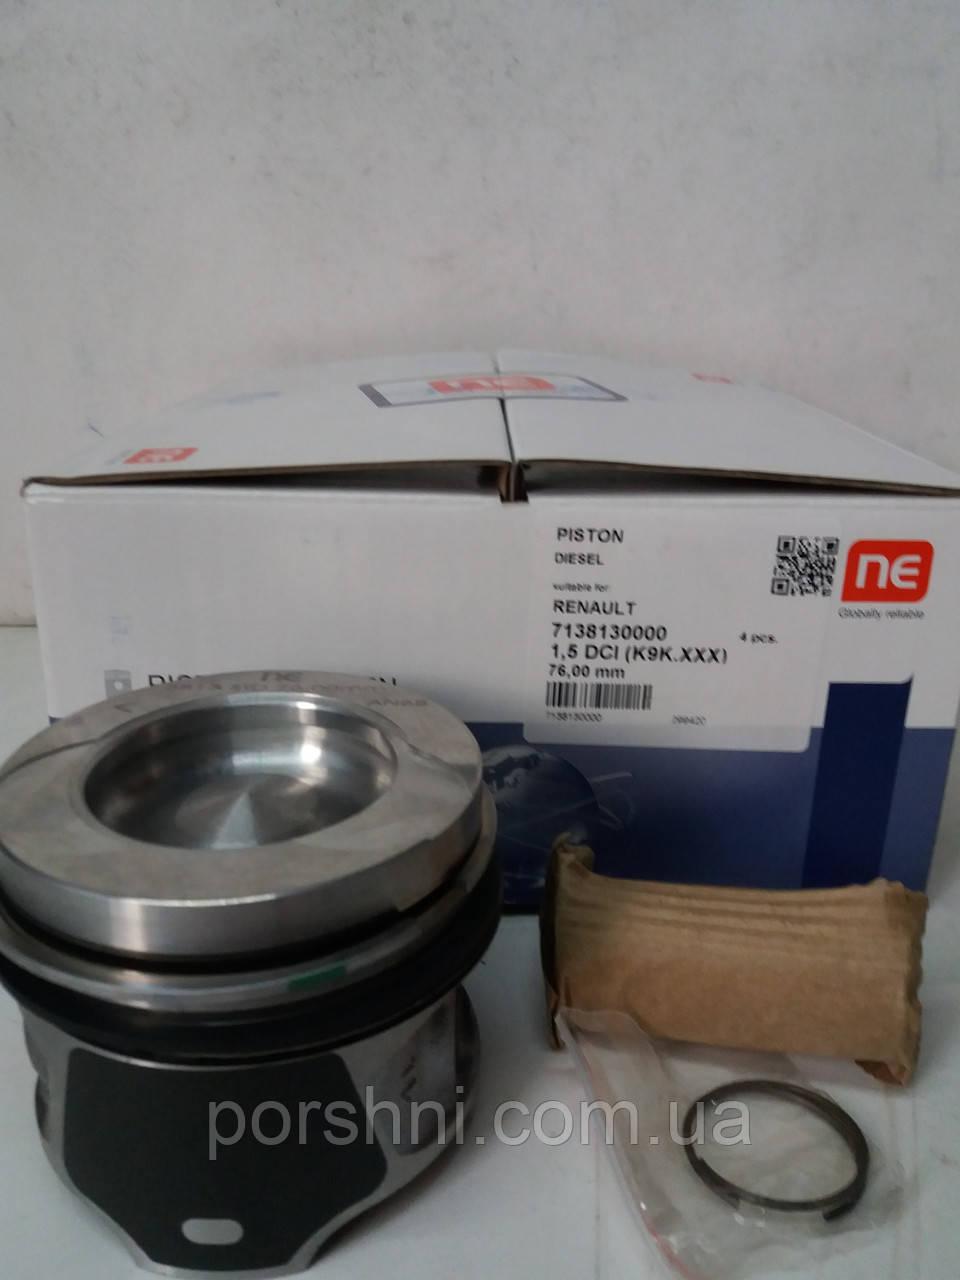 Поршни Рено 1,5DCI c 11 года стандартный размер 76,00 К9К